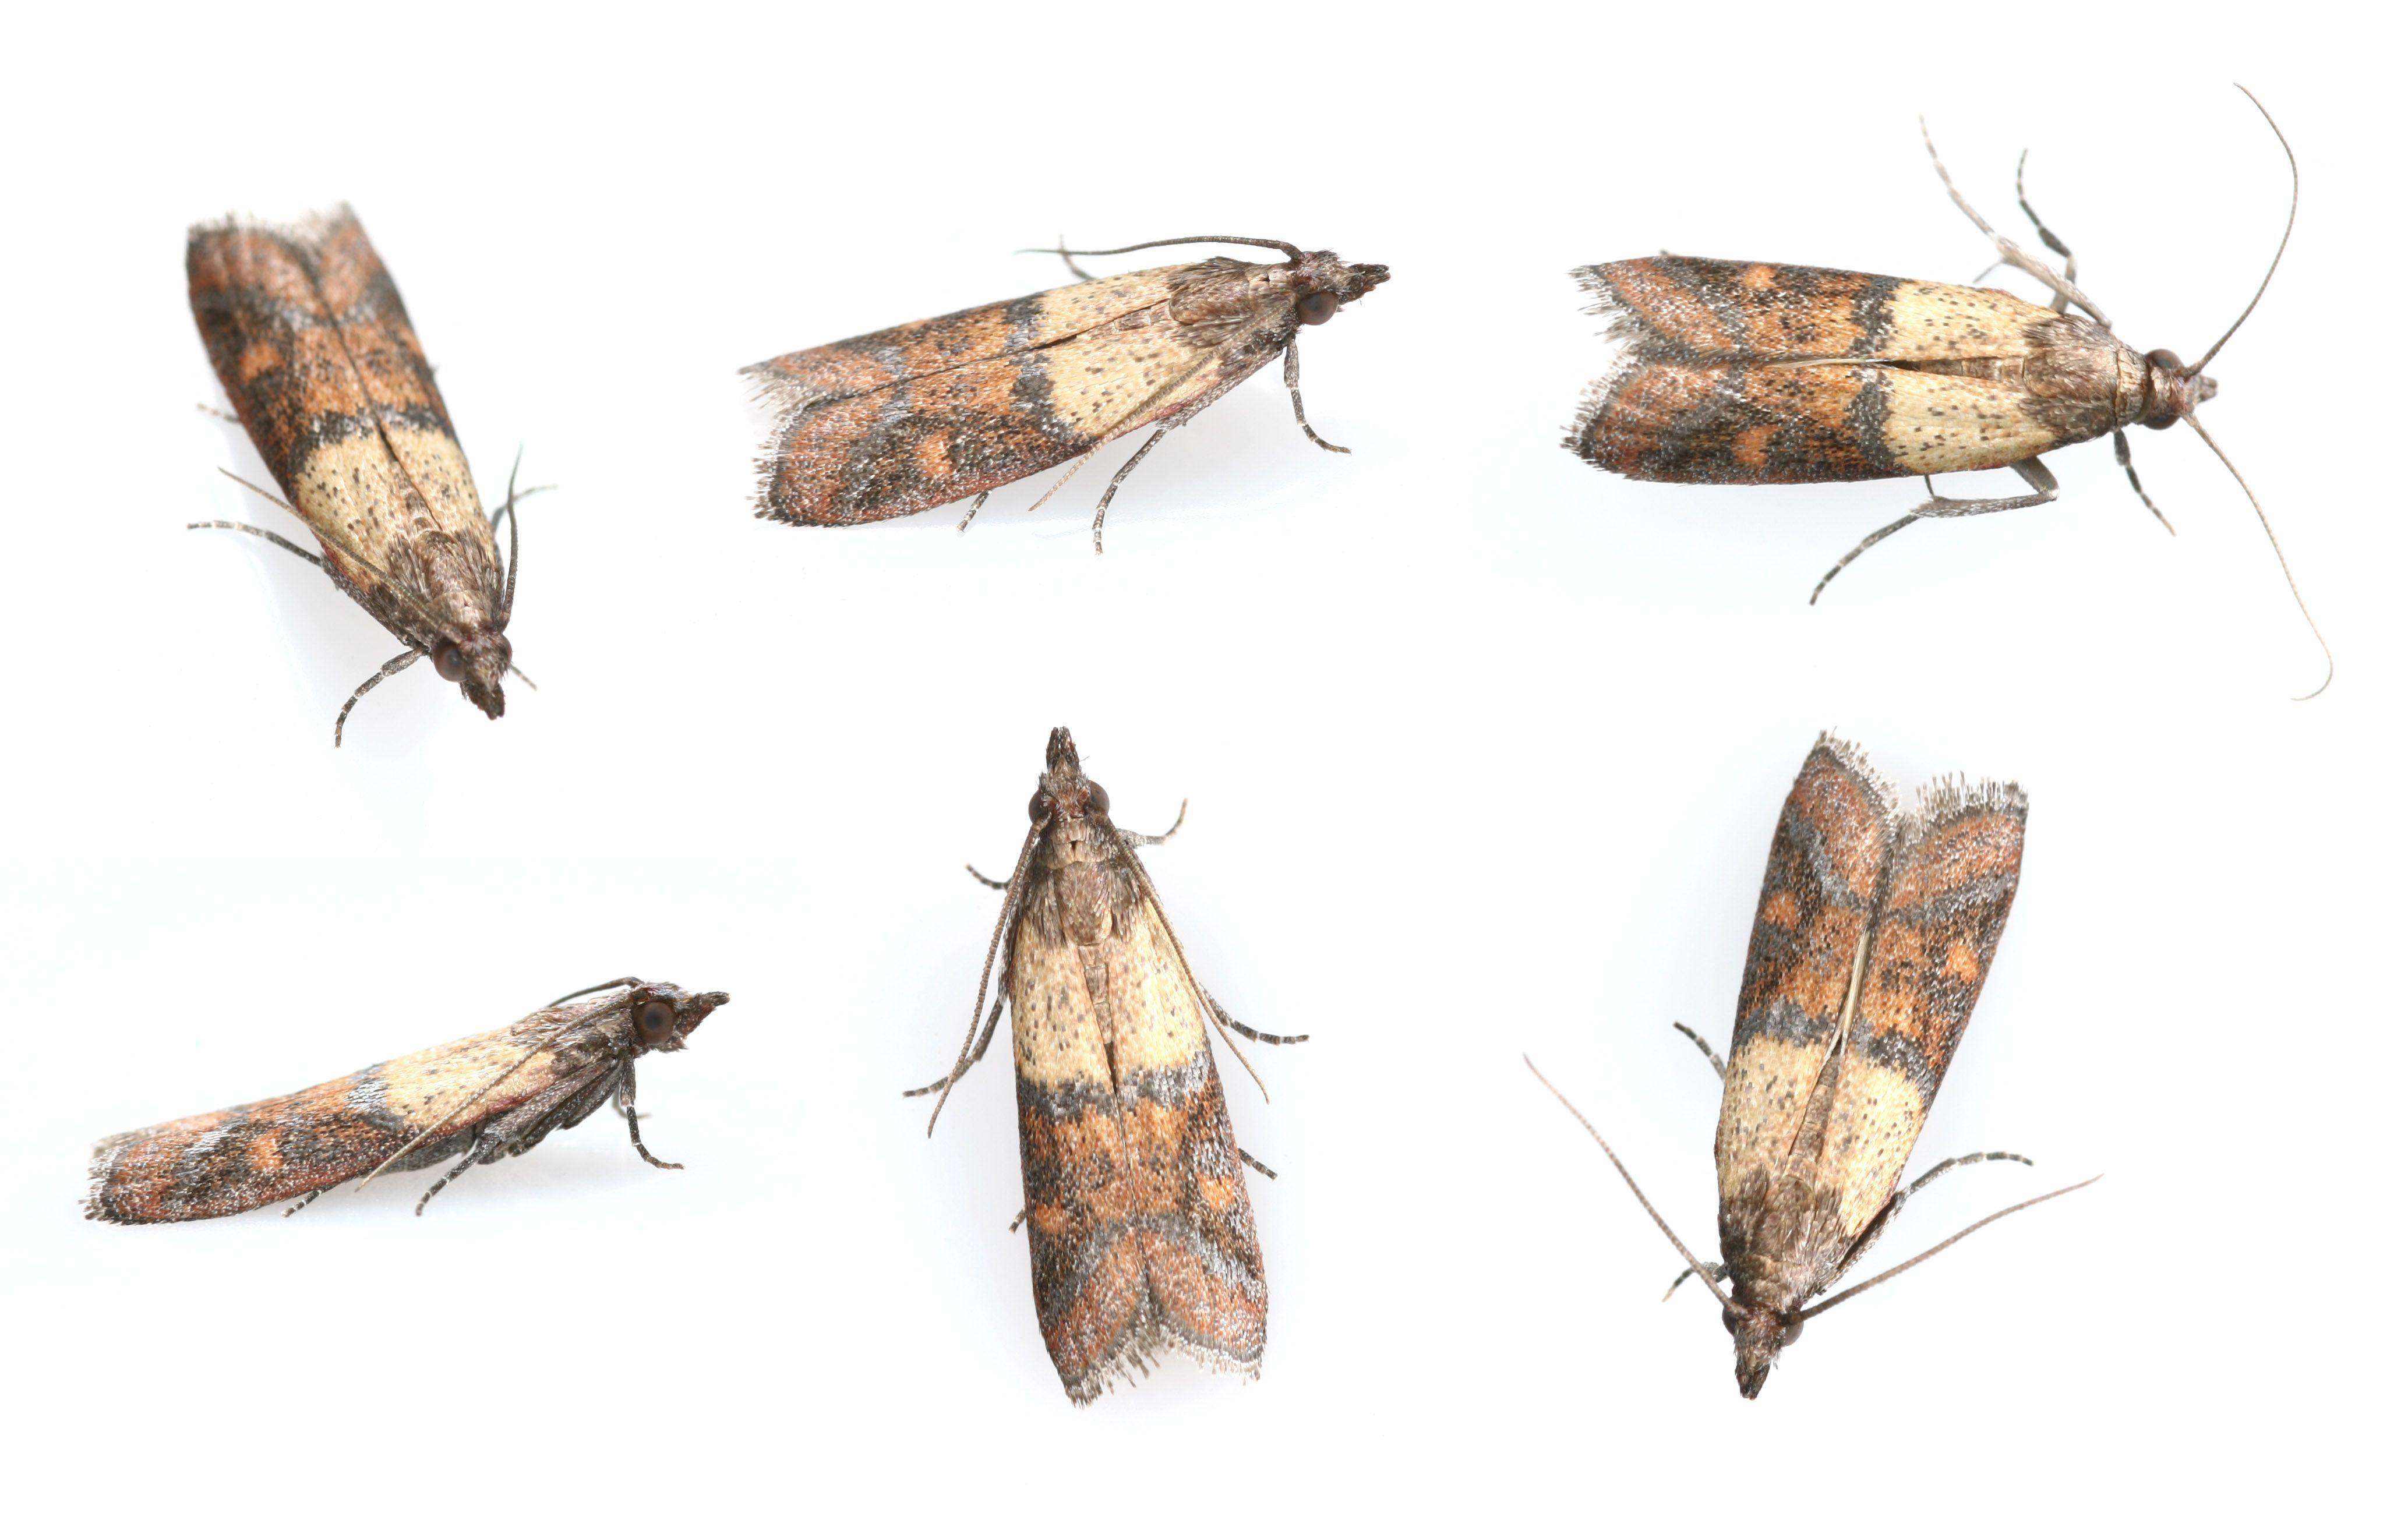 Como Acabar Con Las Polillas De La Madera The Quick Way To Stop A Pantry Moth Infestation Pantry Moths